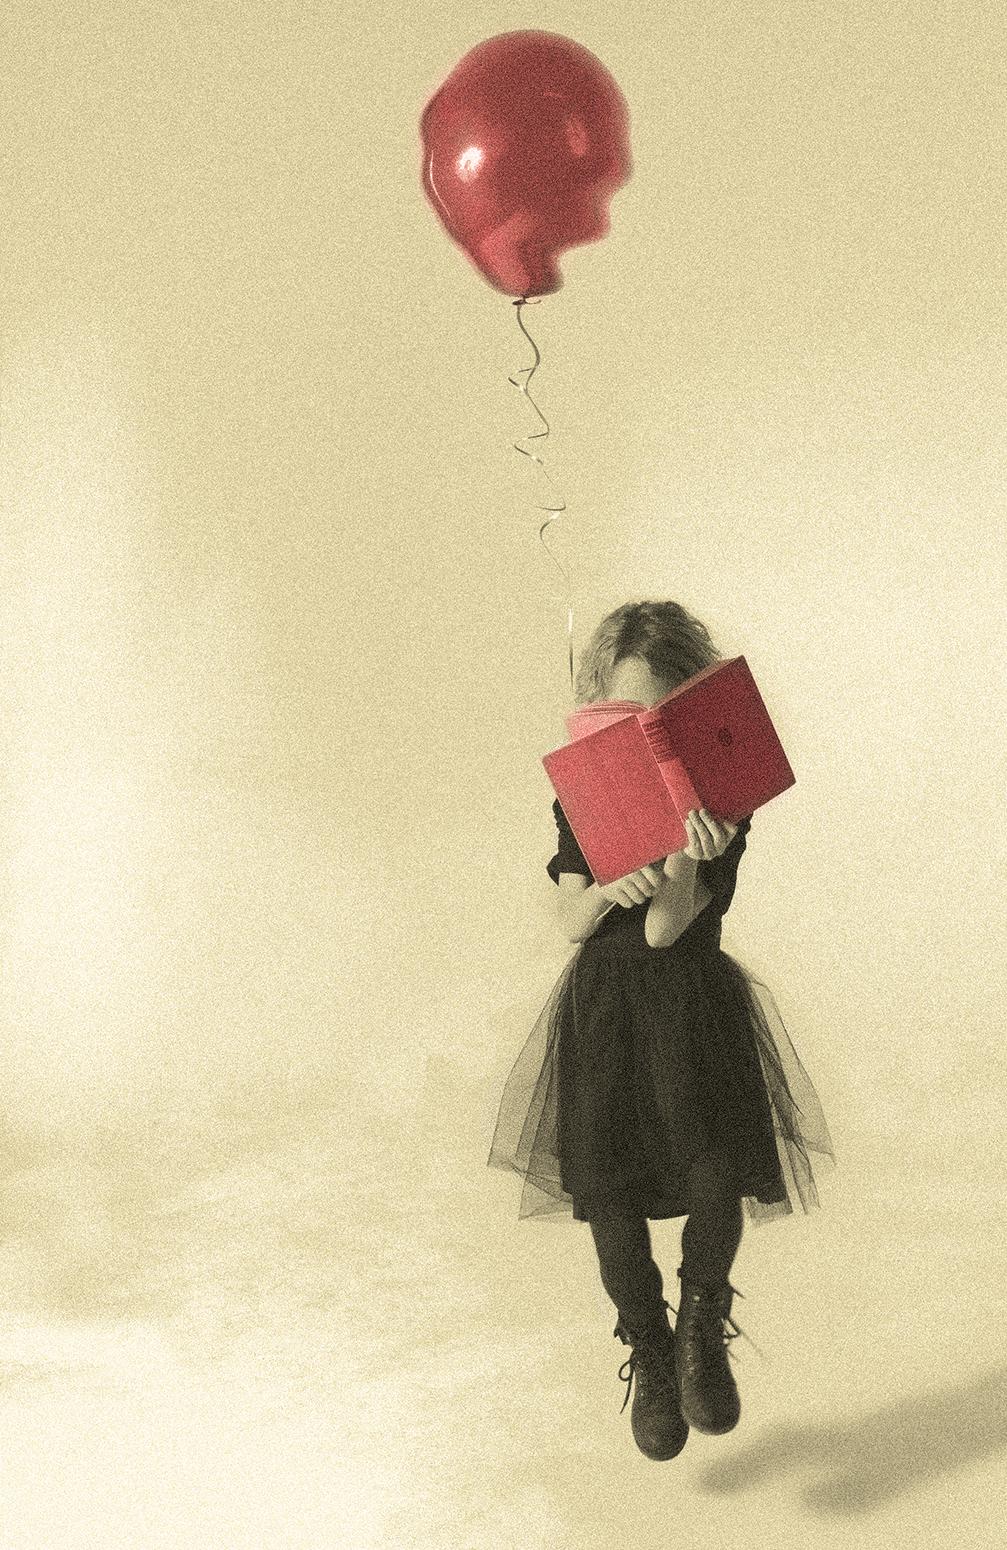 BalloonGirl-FeraKennedy.jpg